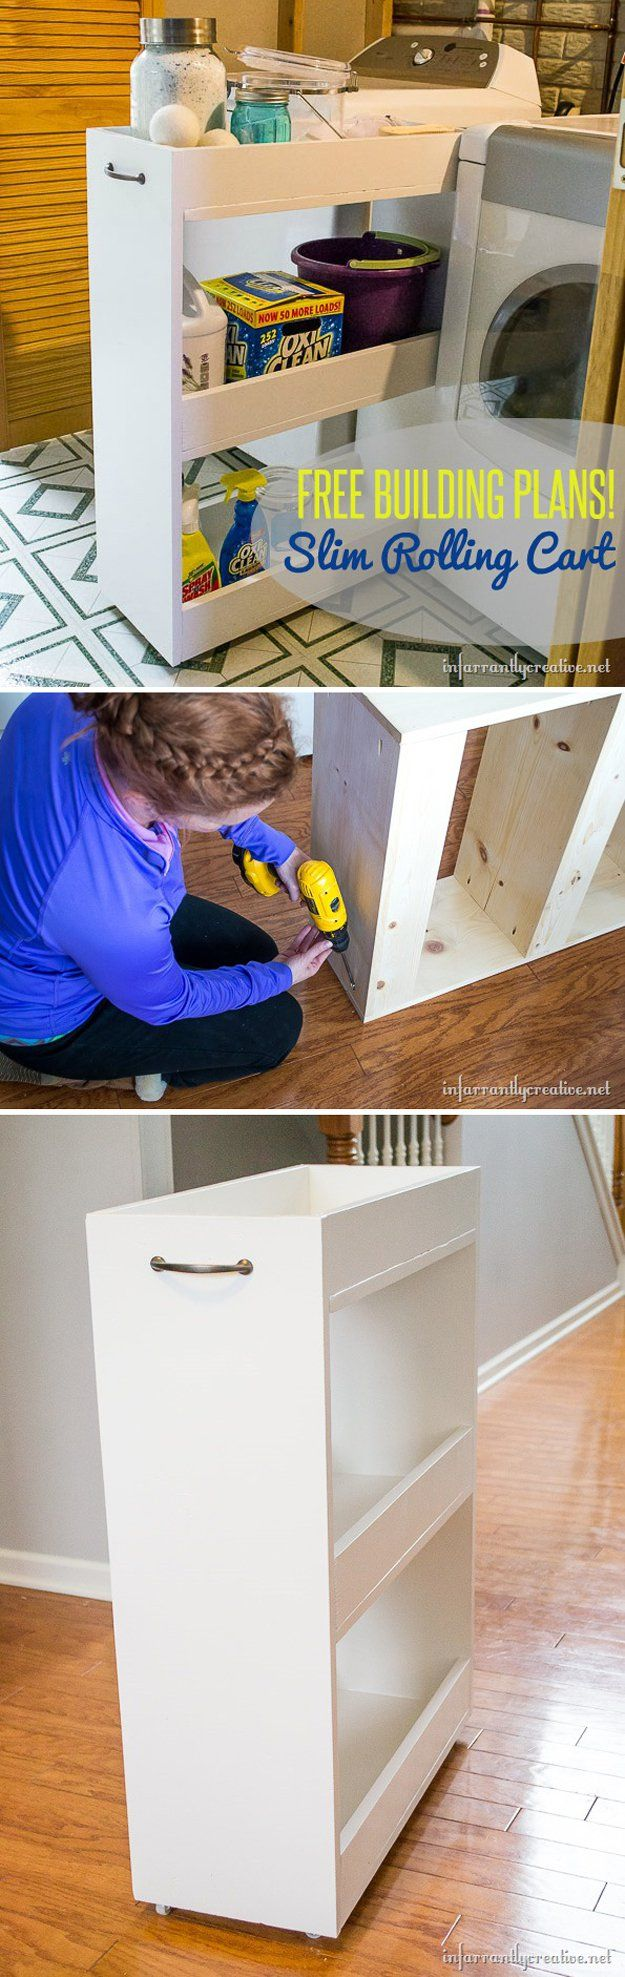 Impresionante ahorro de espacio de lavandería sala de almacenamiento para materias | http://artesaniasdebricolaje.ru/laundry-room-organization-ideas/